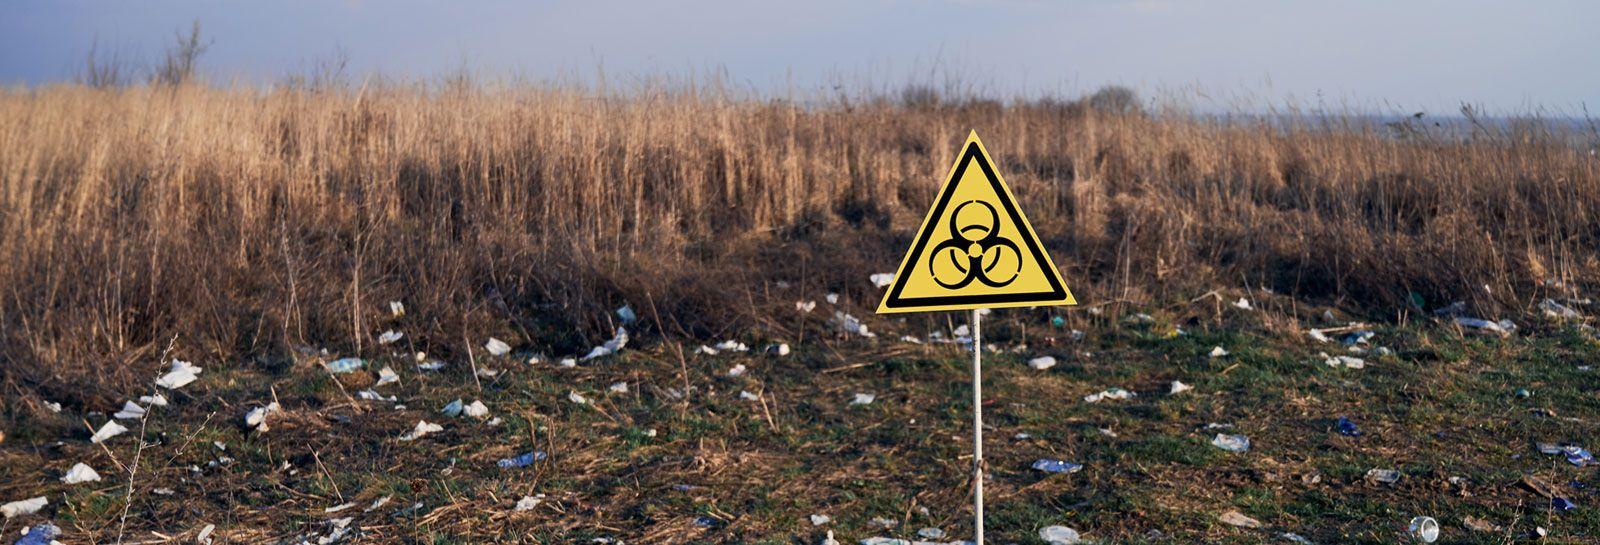 Waste ground with biohazard sign banner image